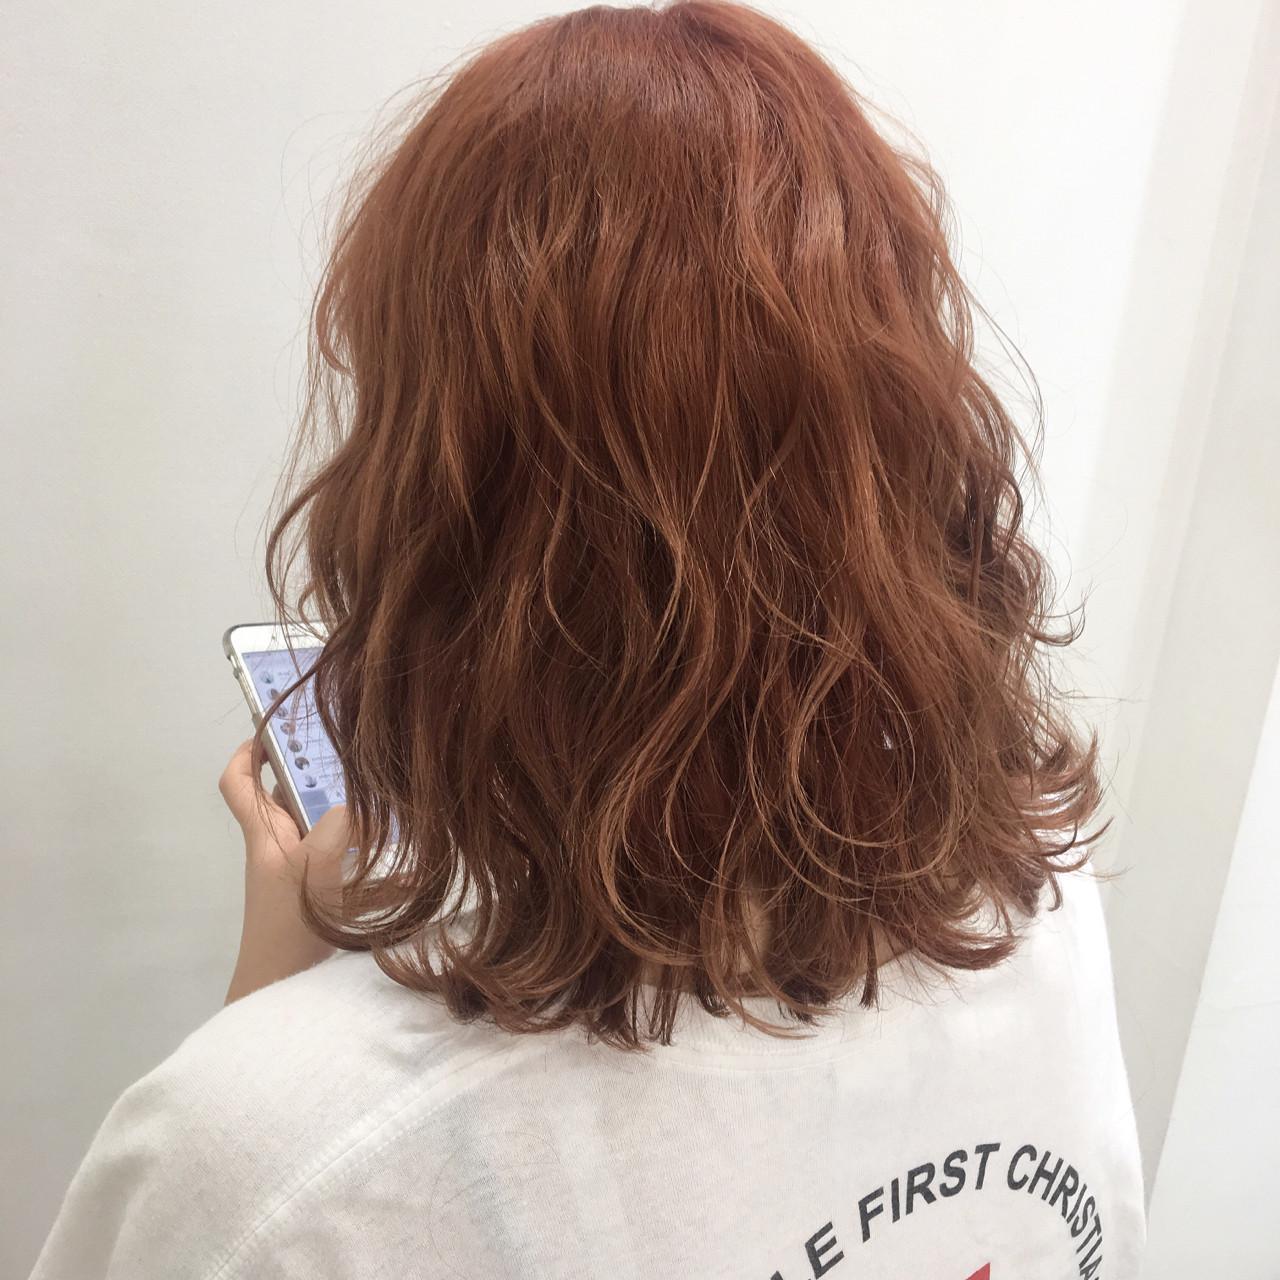 カール ミディアム オルチャン ガーリー ヘアスタイルや髪型の写真・画像